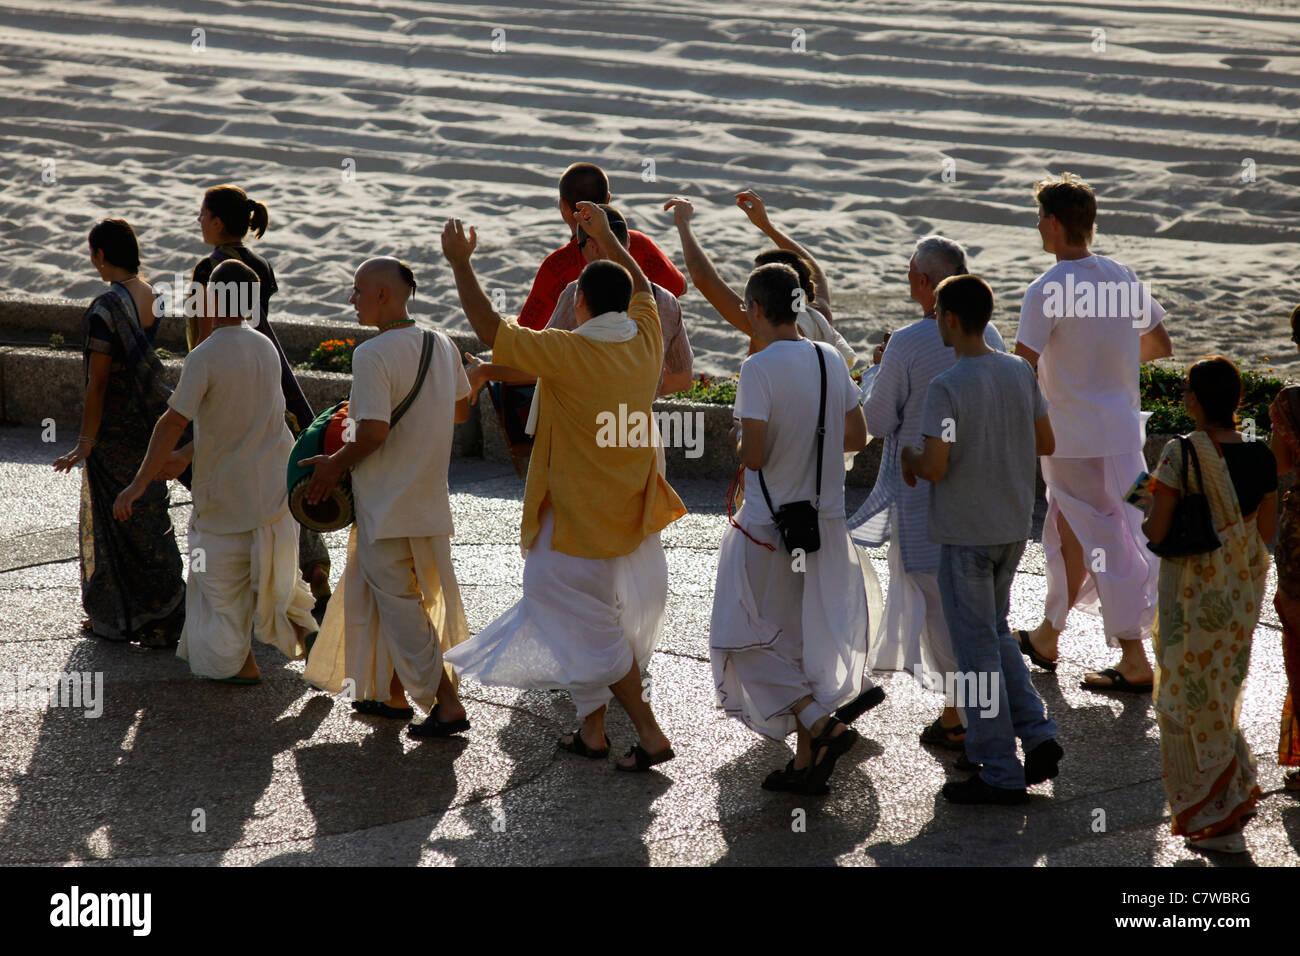 Chant de la rue de Hare Krishna par Harinamas le long de la promenade Herbert Samuel au littoral méditerranéen d'Israël Tel Aviv Banque D'Images